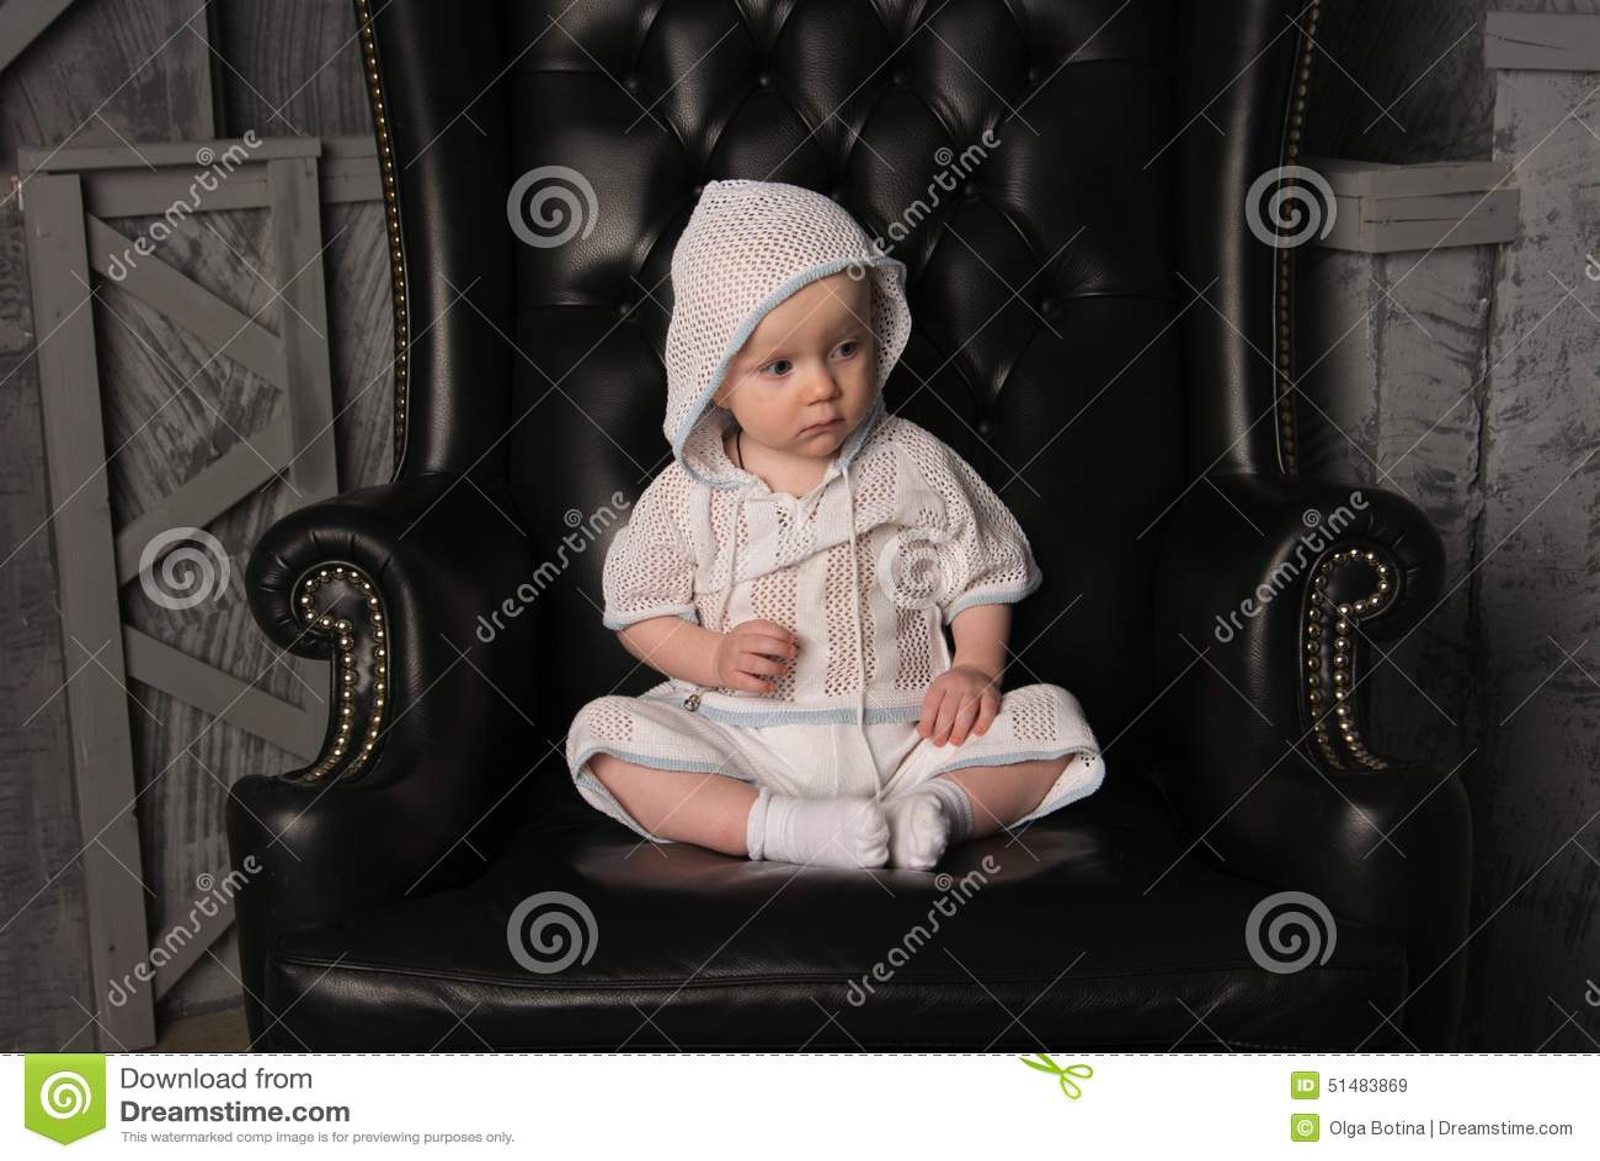 Mały chłopiec krzesło